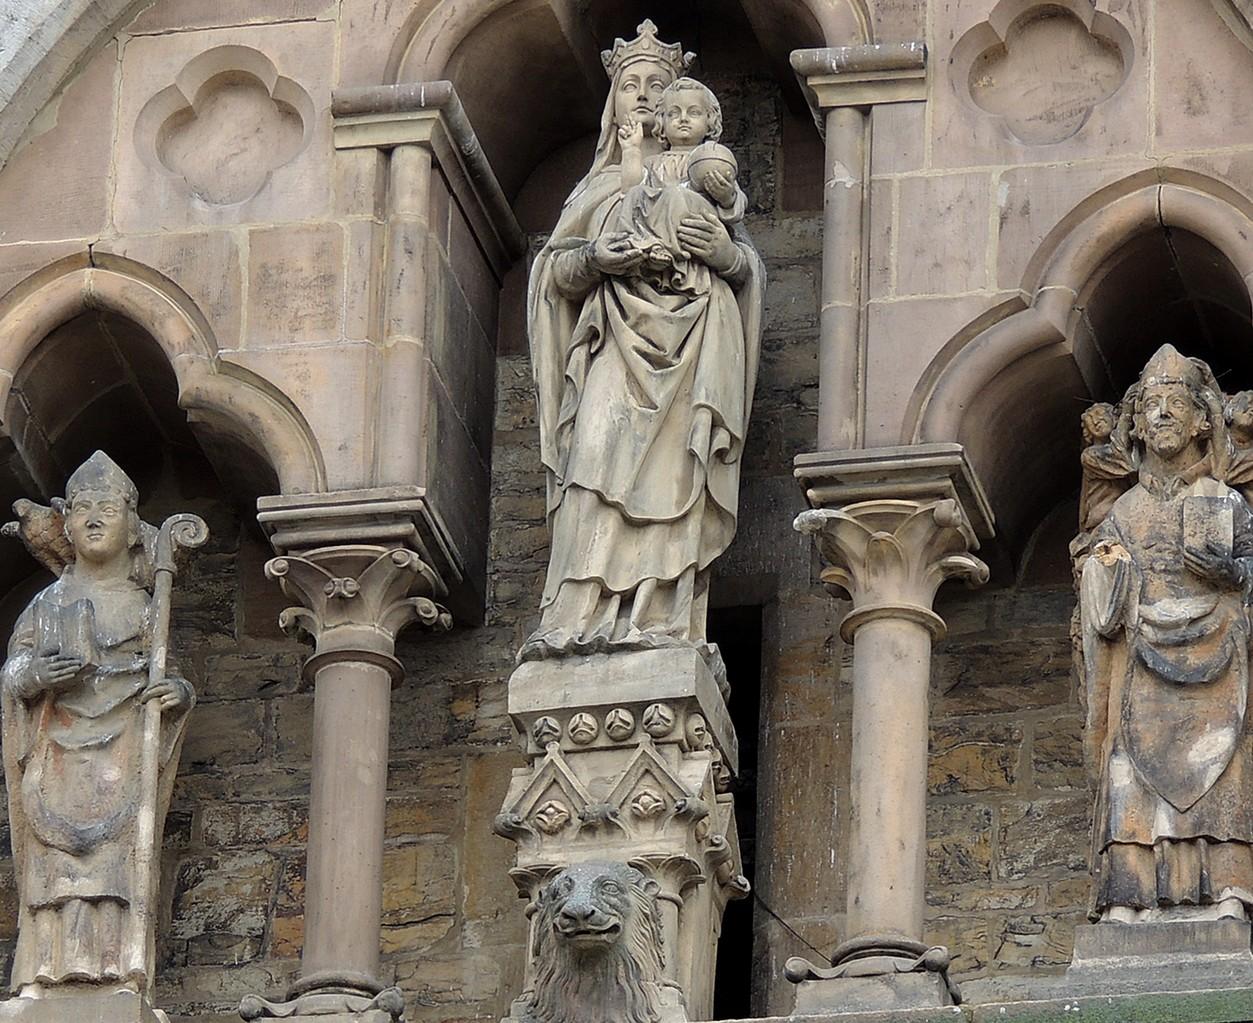 Die Figurengruppe im Giebel des Querhauses zeigt die Mutter Gottes